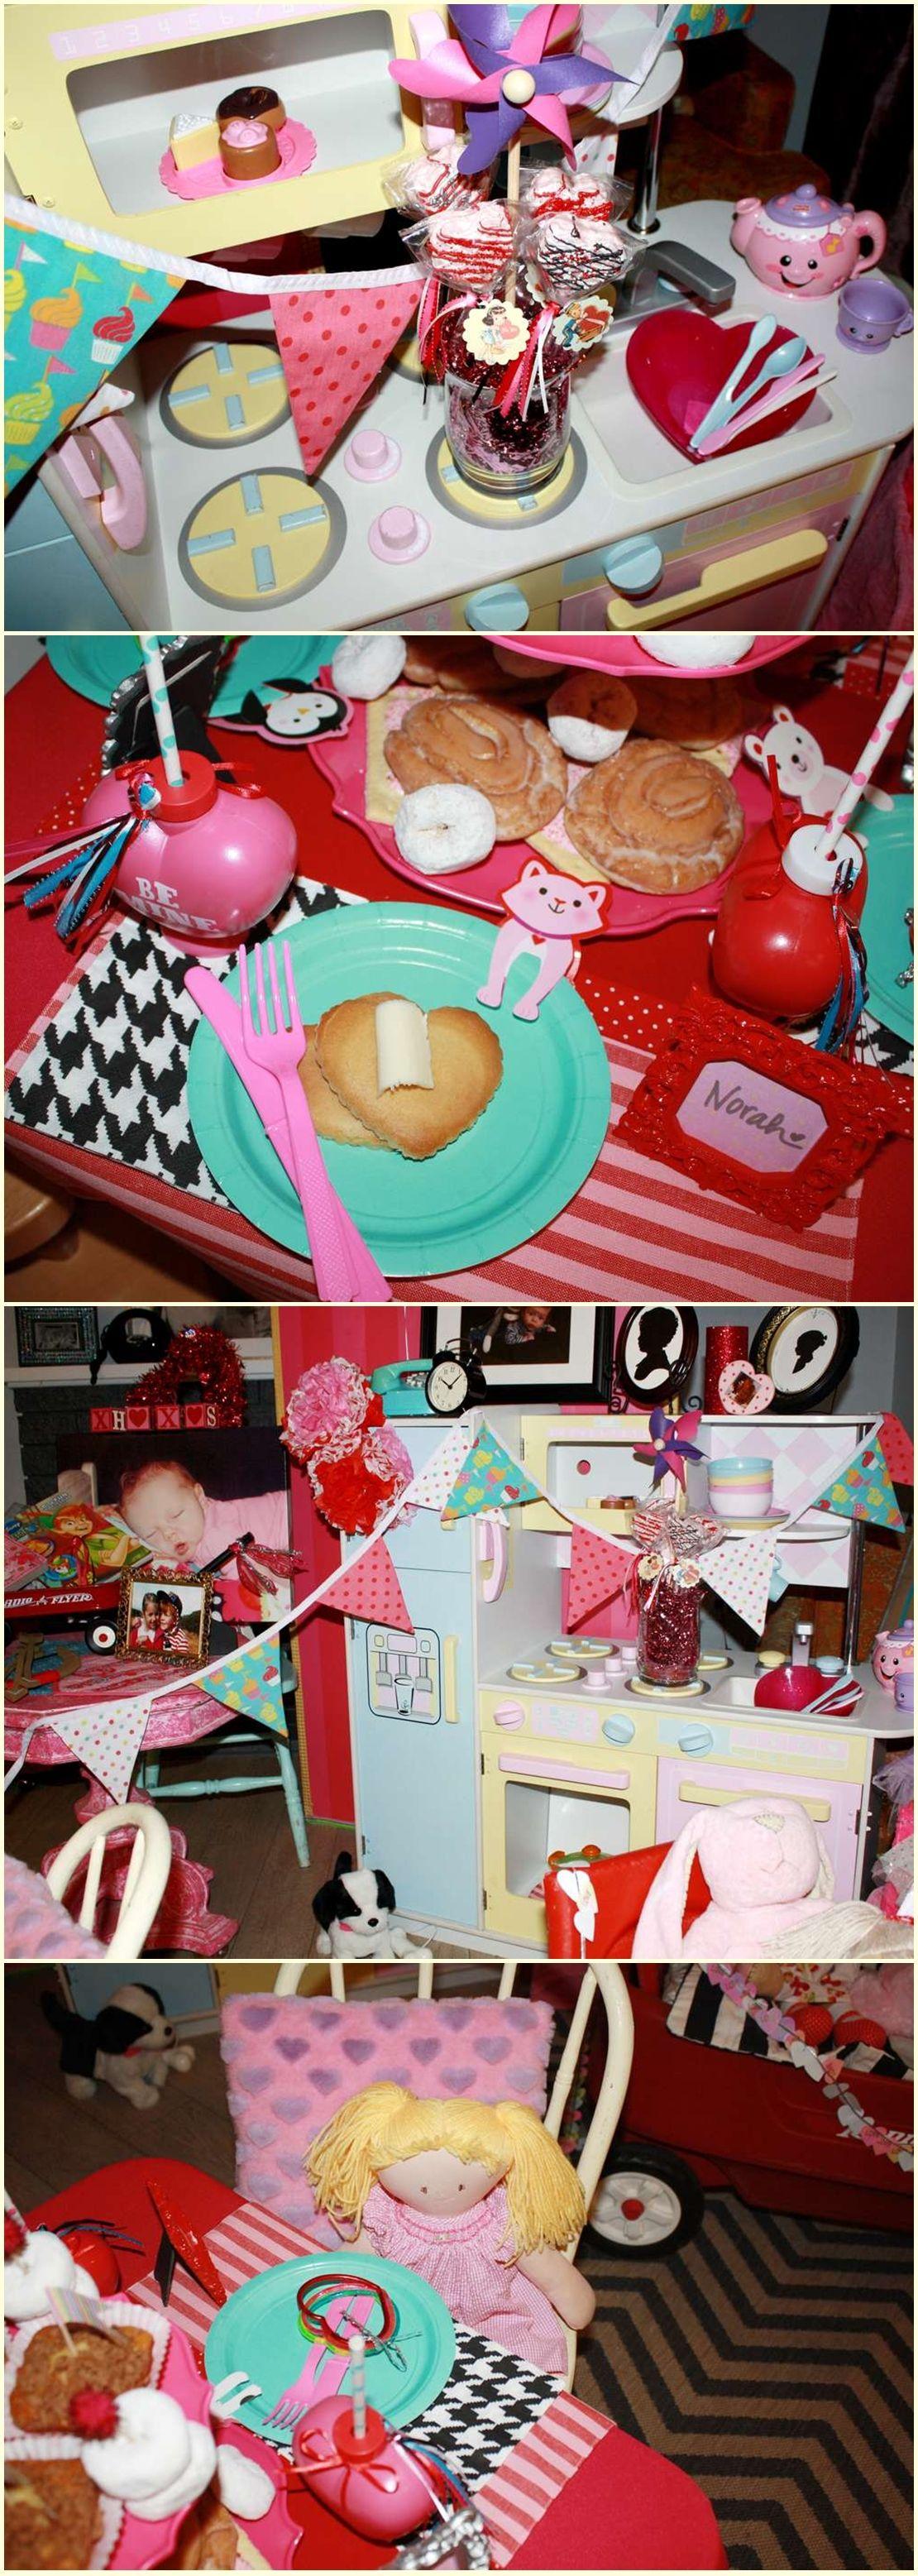 valentine party gift exchange ideasvalentine party game ideas for adultsvalentine party games - Valentines Party Ideas For Adults